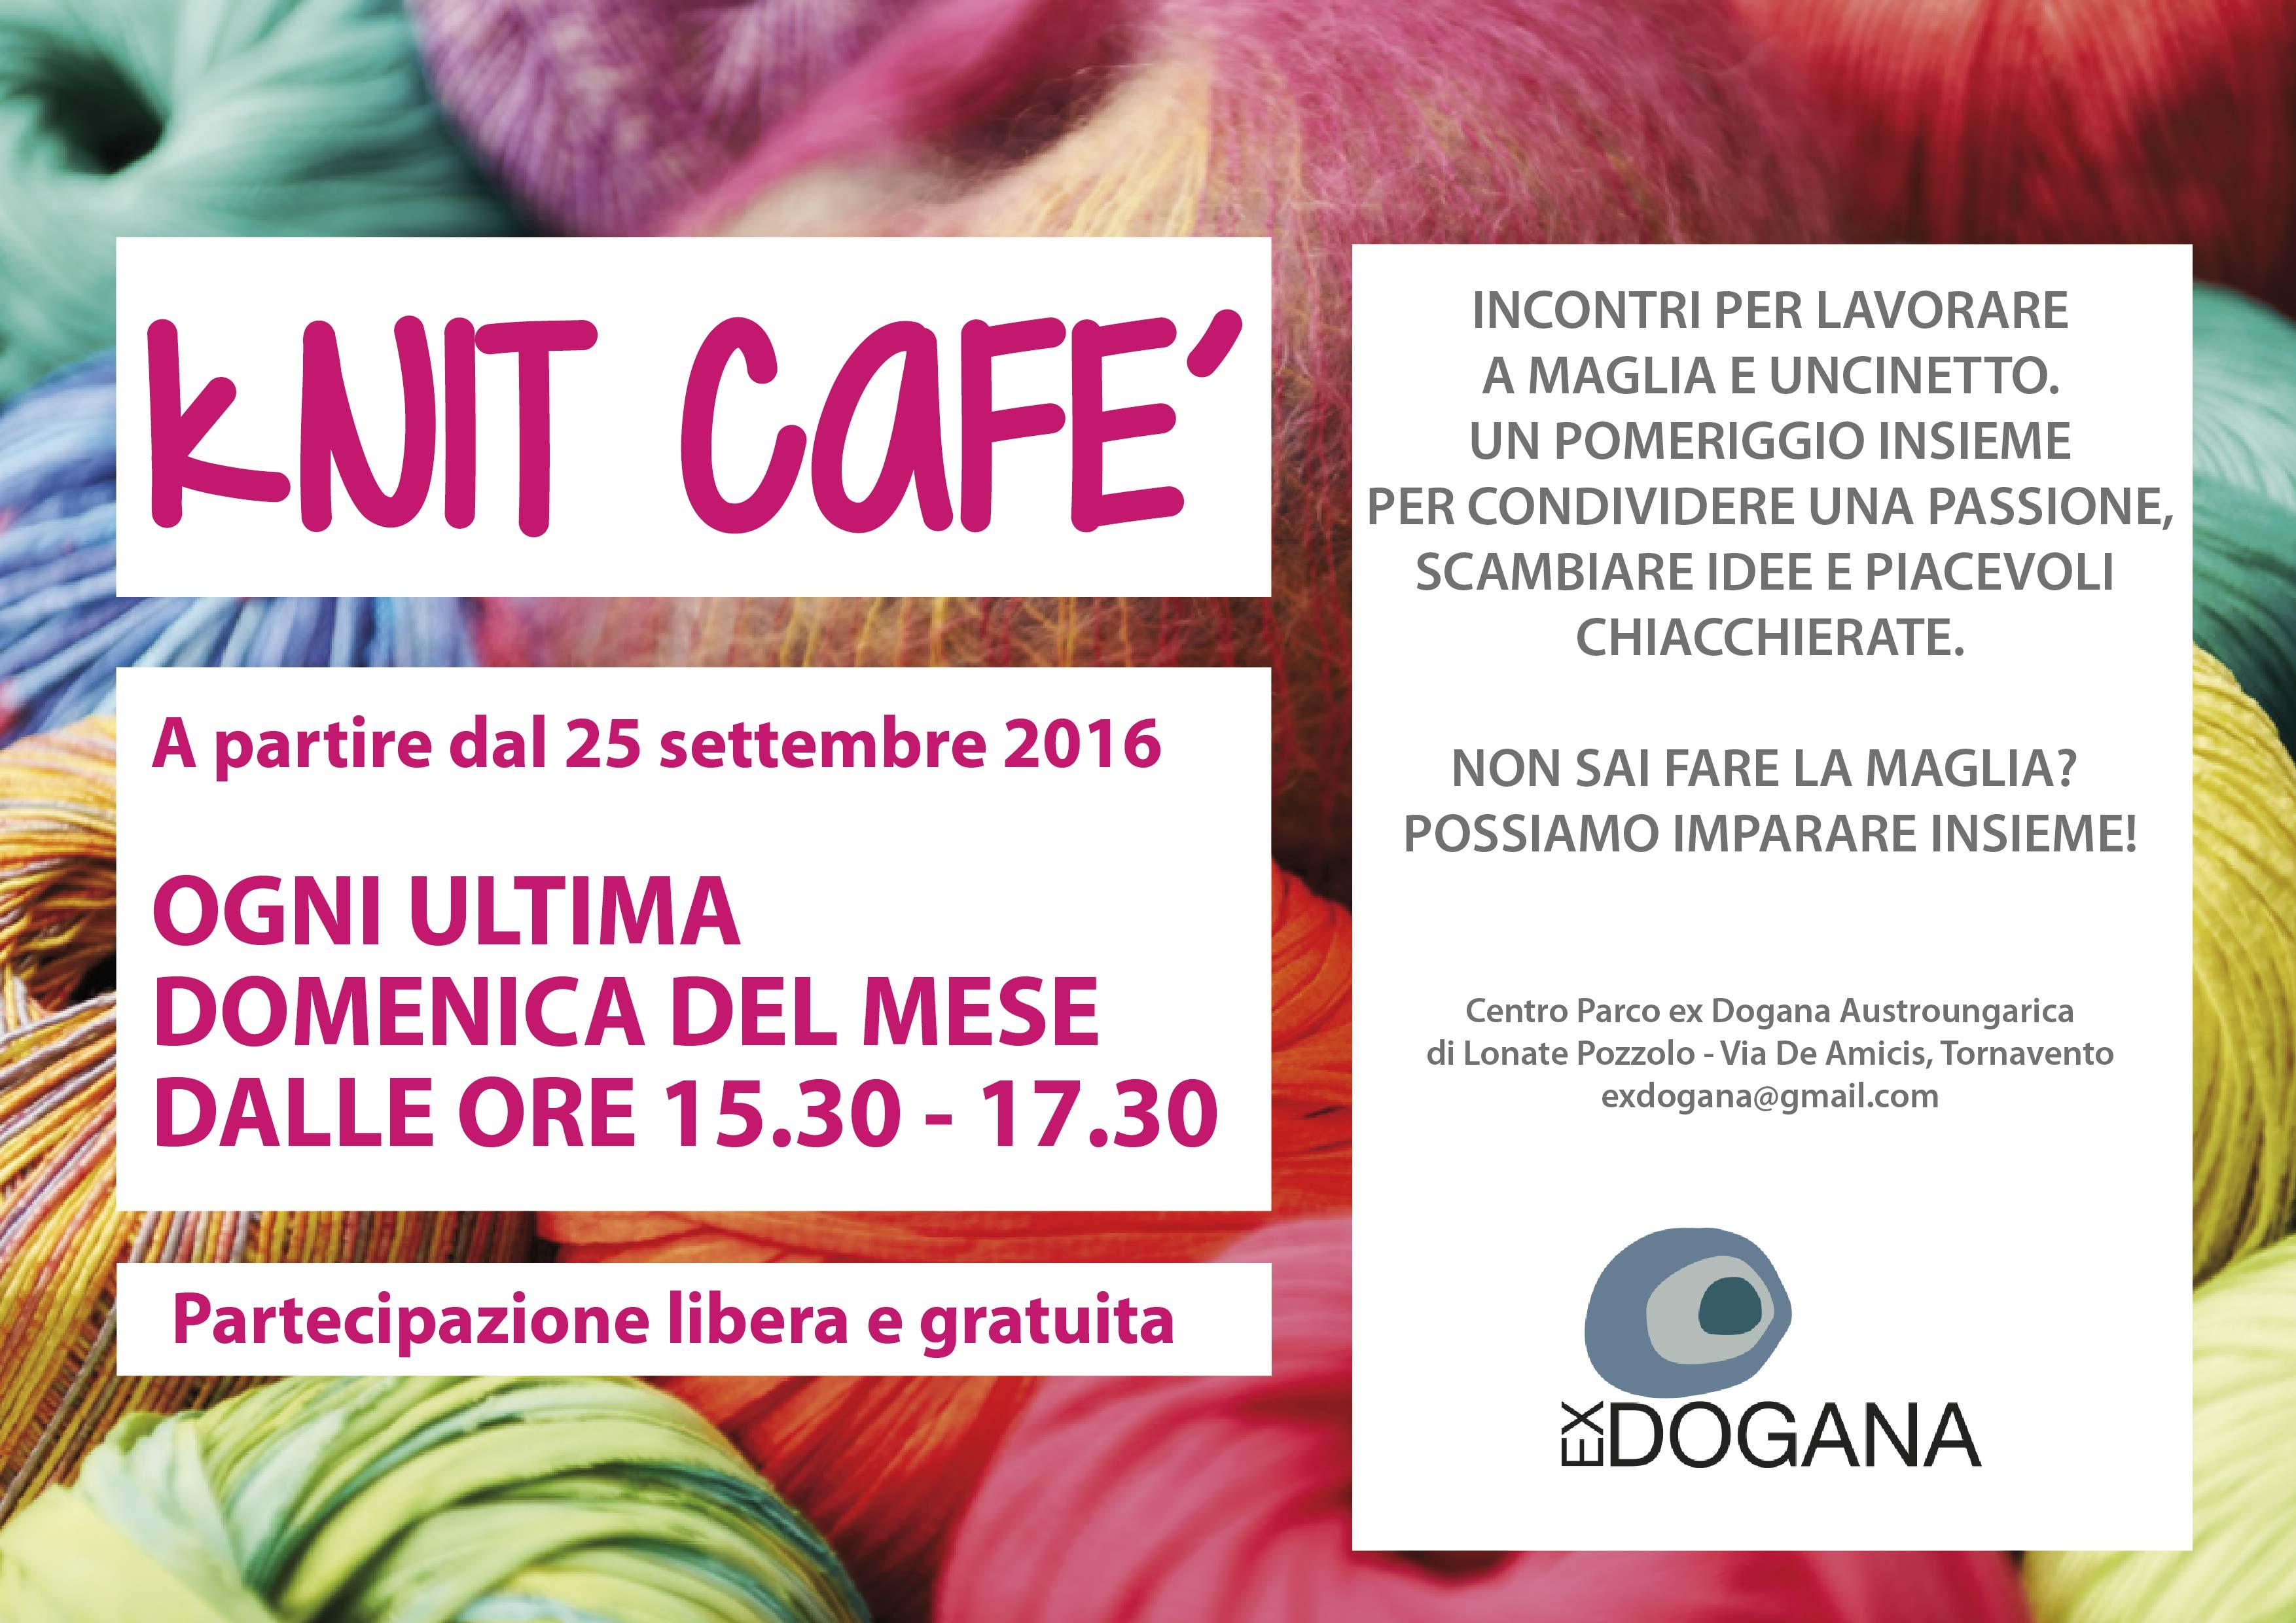 knit_cafè-11